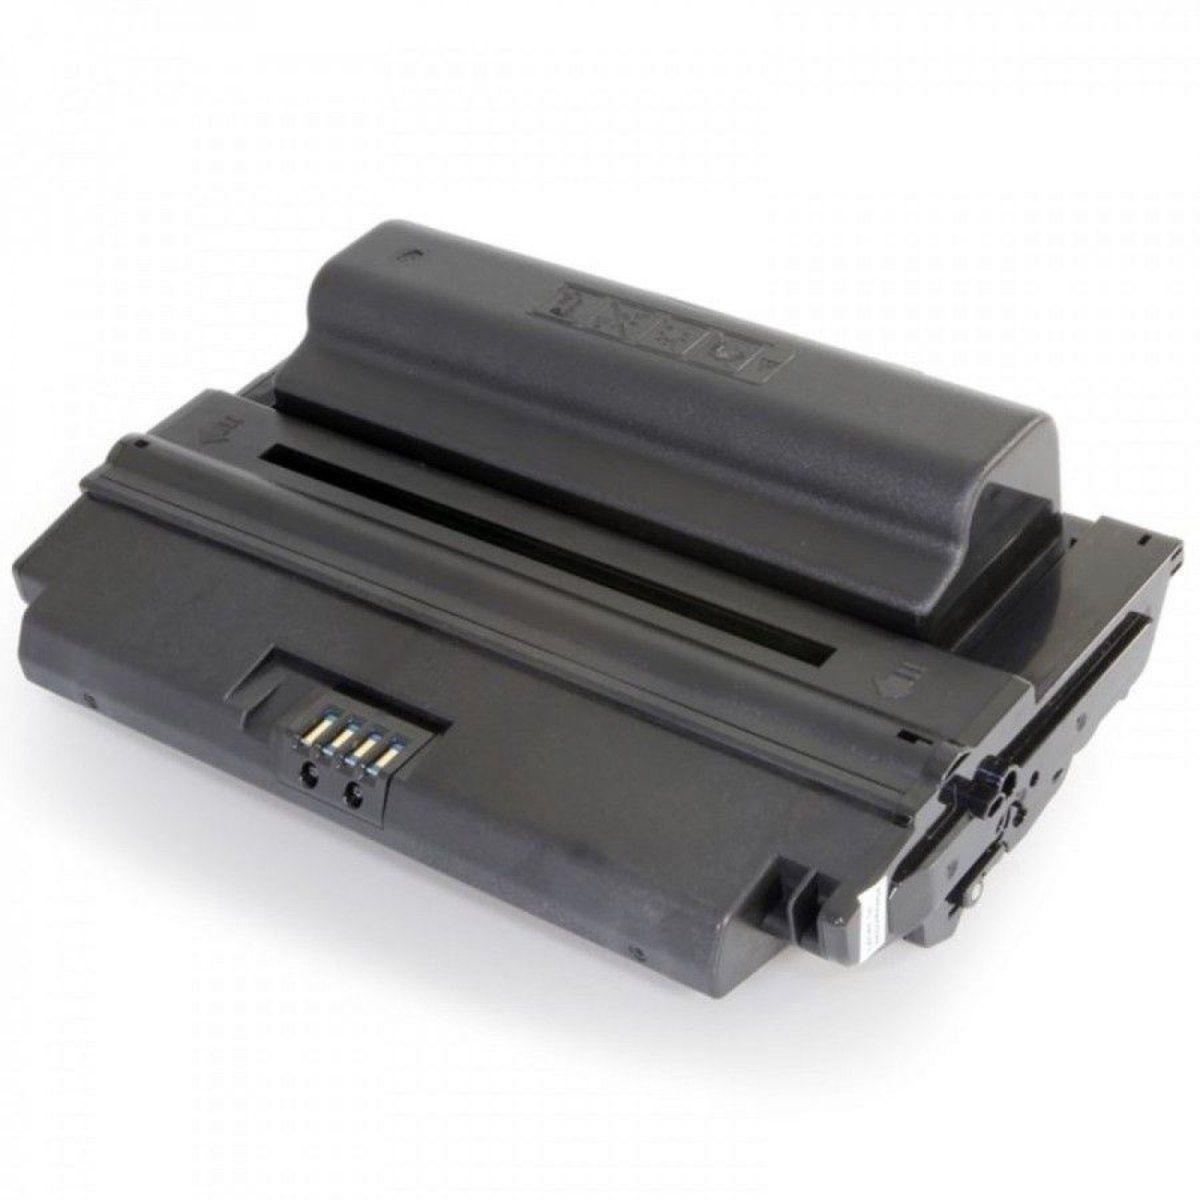 Toner compatível  SAMSUNG SCX-D5530B | SCX5530FN SCX5530 SCX5530N - 8.000 Páginas - Cartucho & Cia